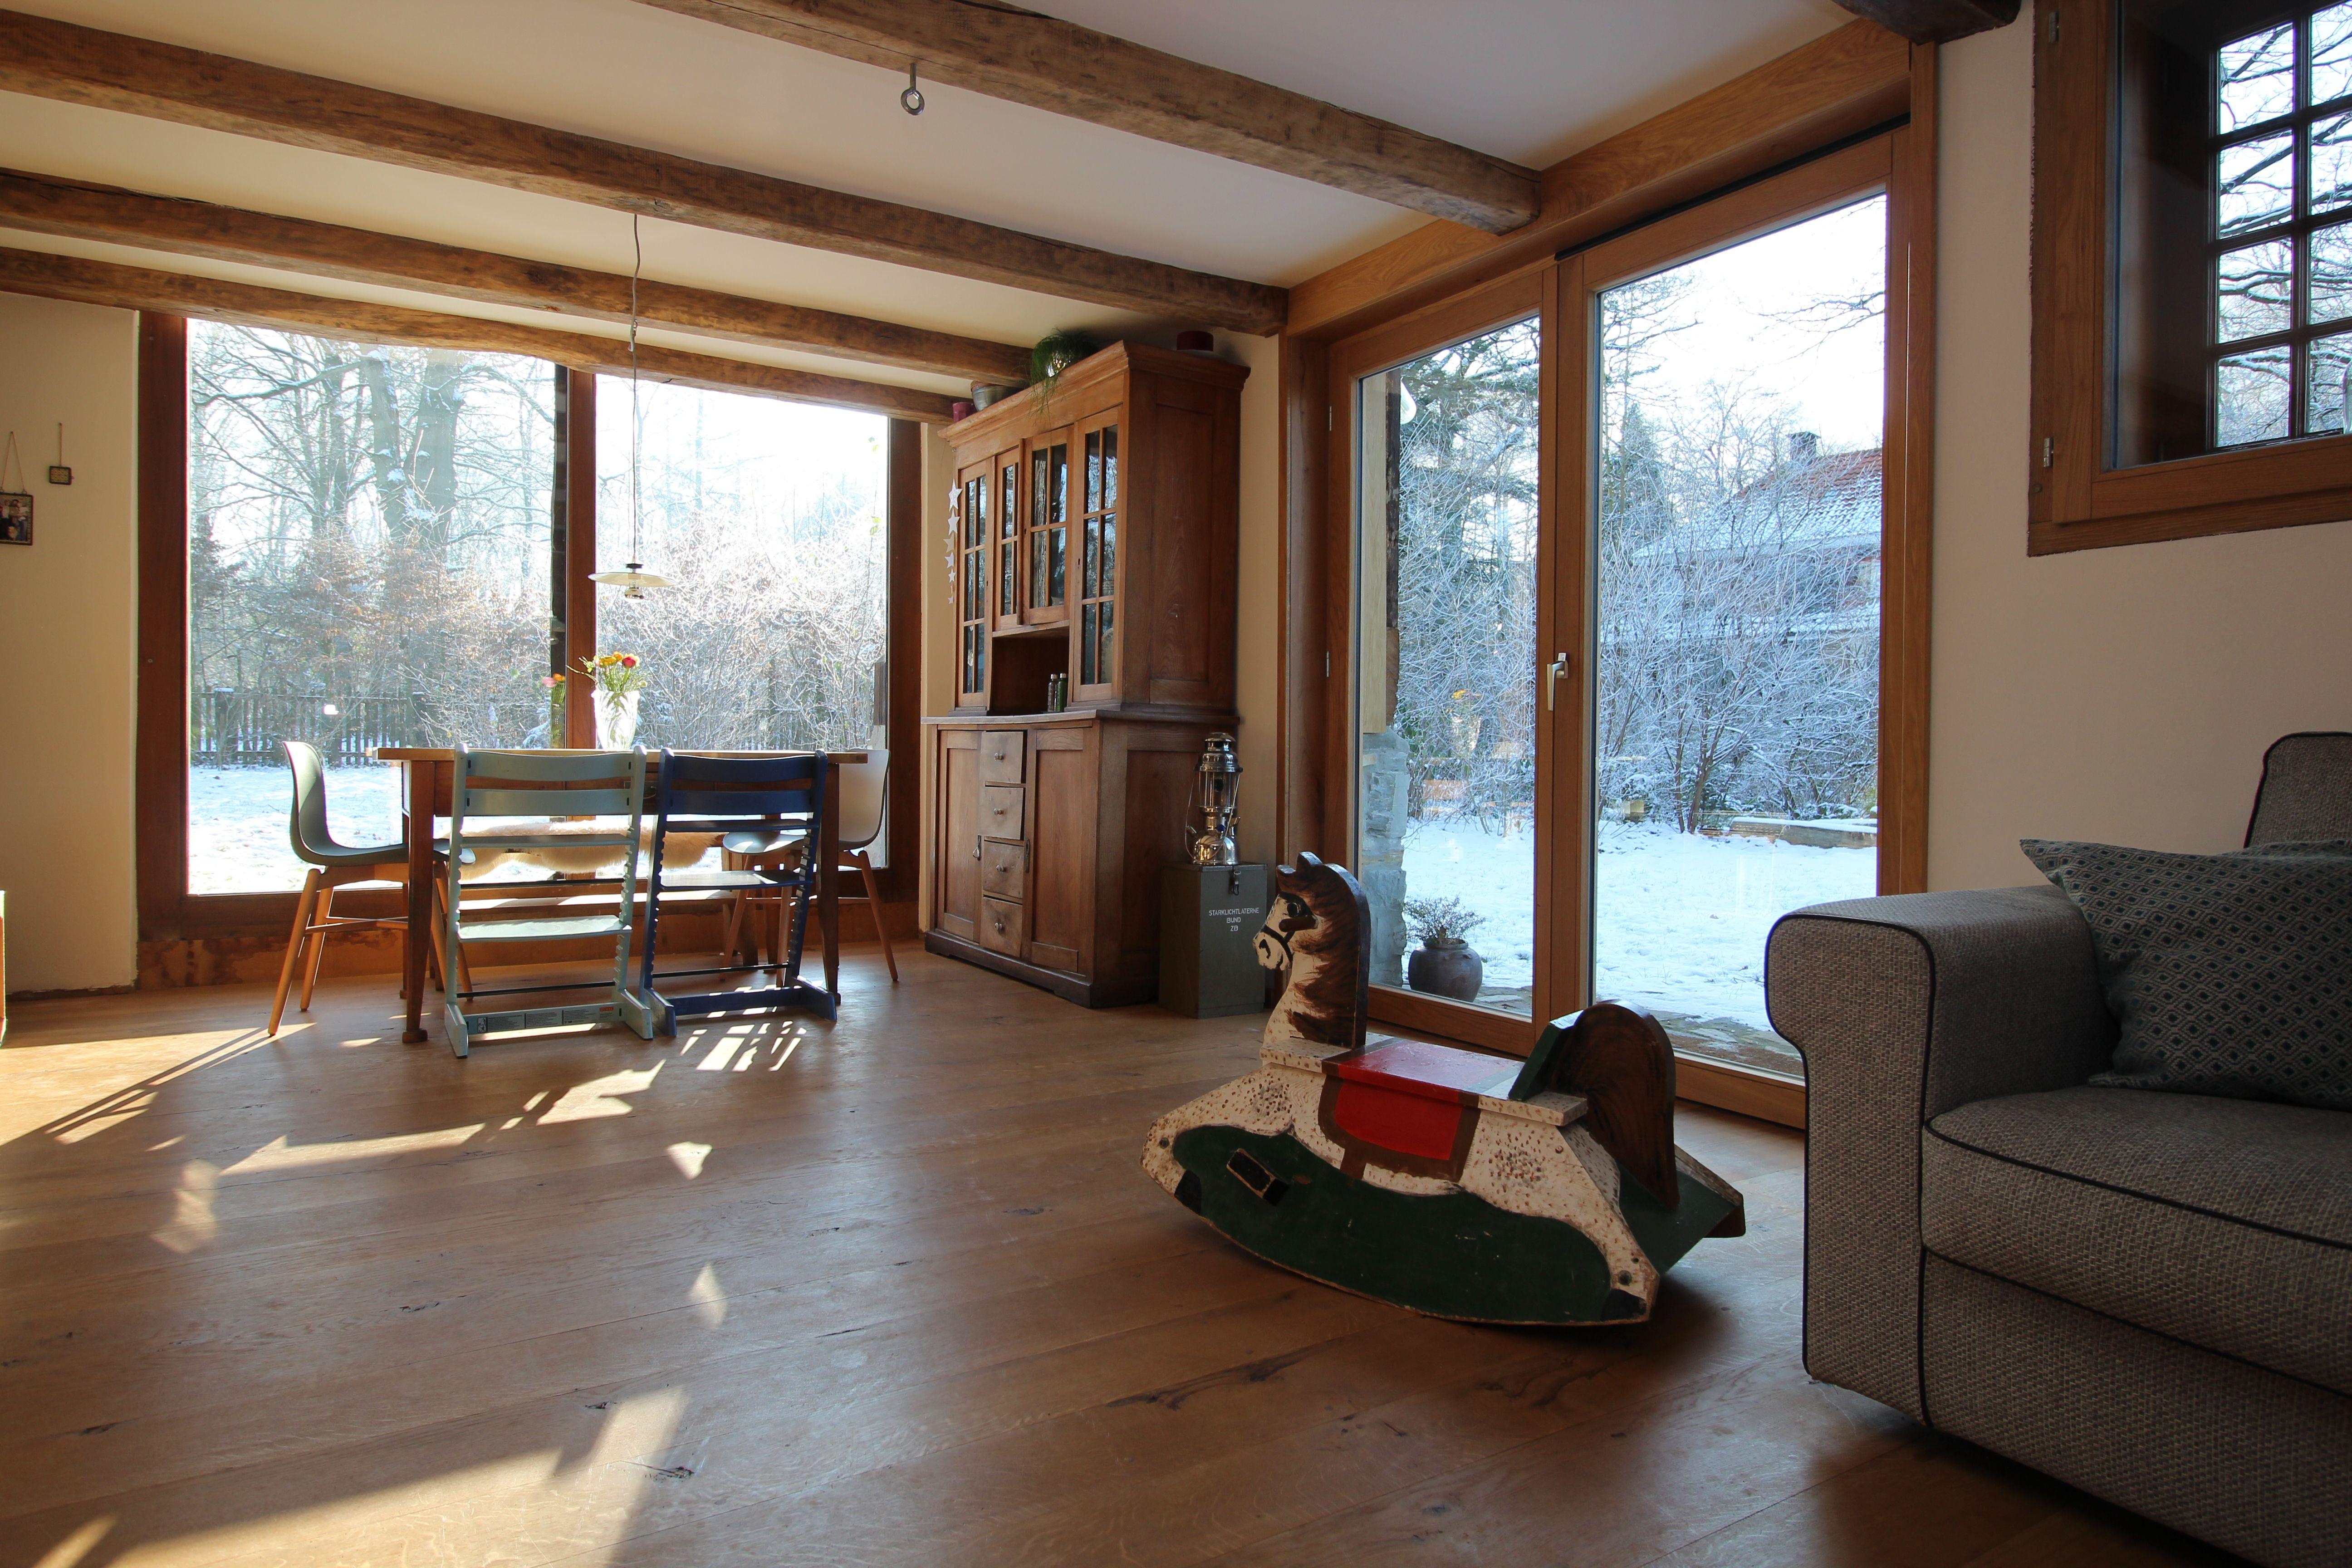 Wohnen auf dem Land - Ausblick auf den winterlichen Garten, Winter